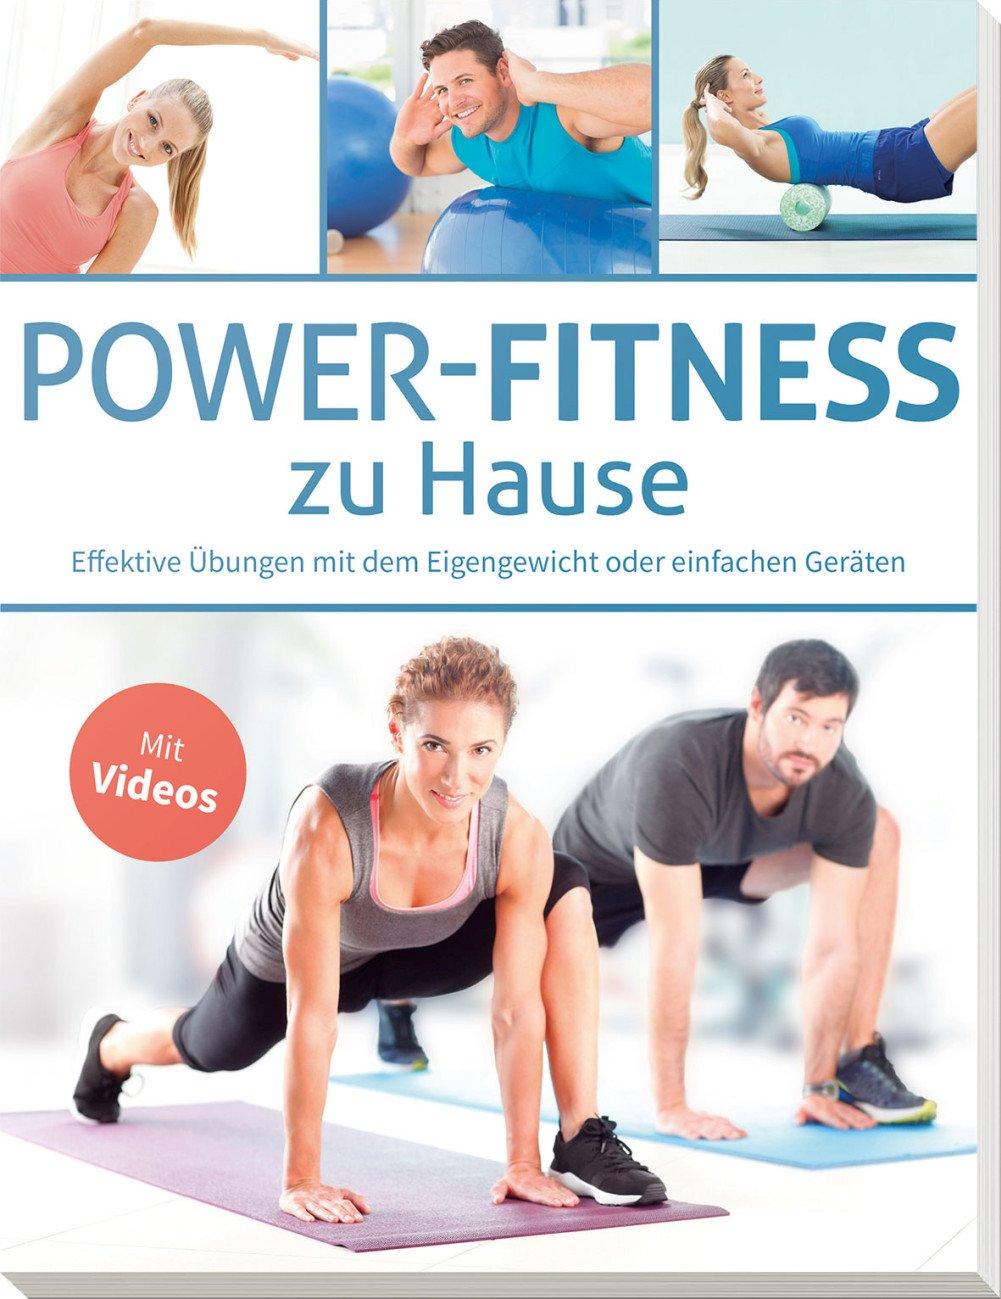 Power Fitness Zu Hause  Effektive Übungen Mit Dem Eigengewicht Oder Einfachen Geräten   Mit Videos